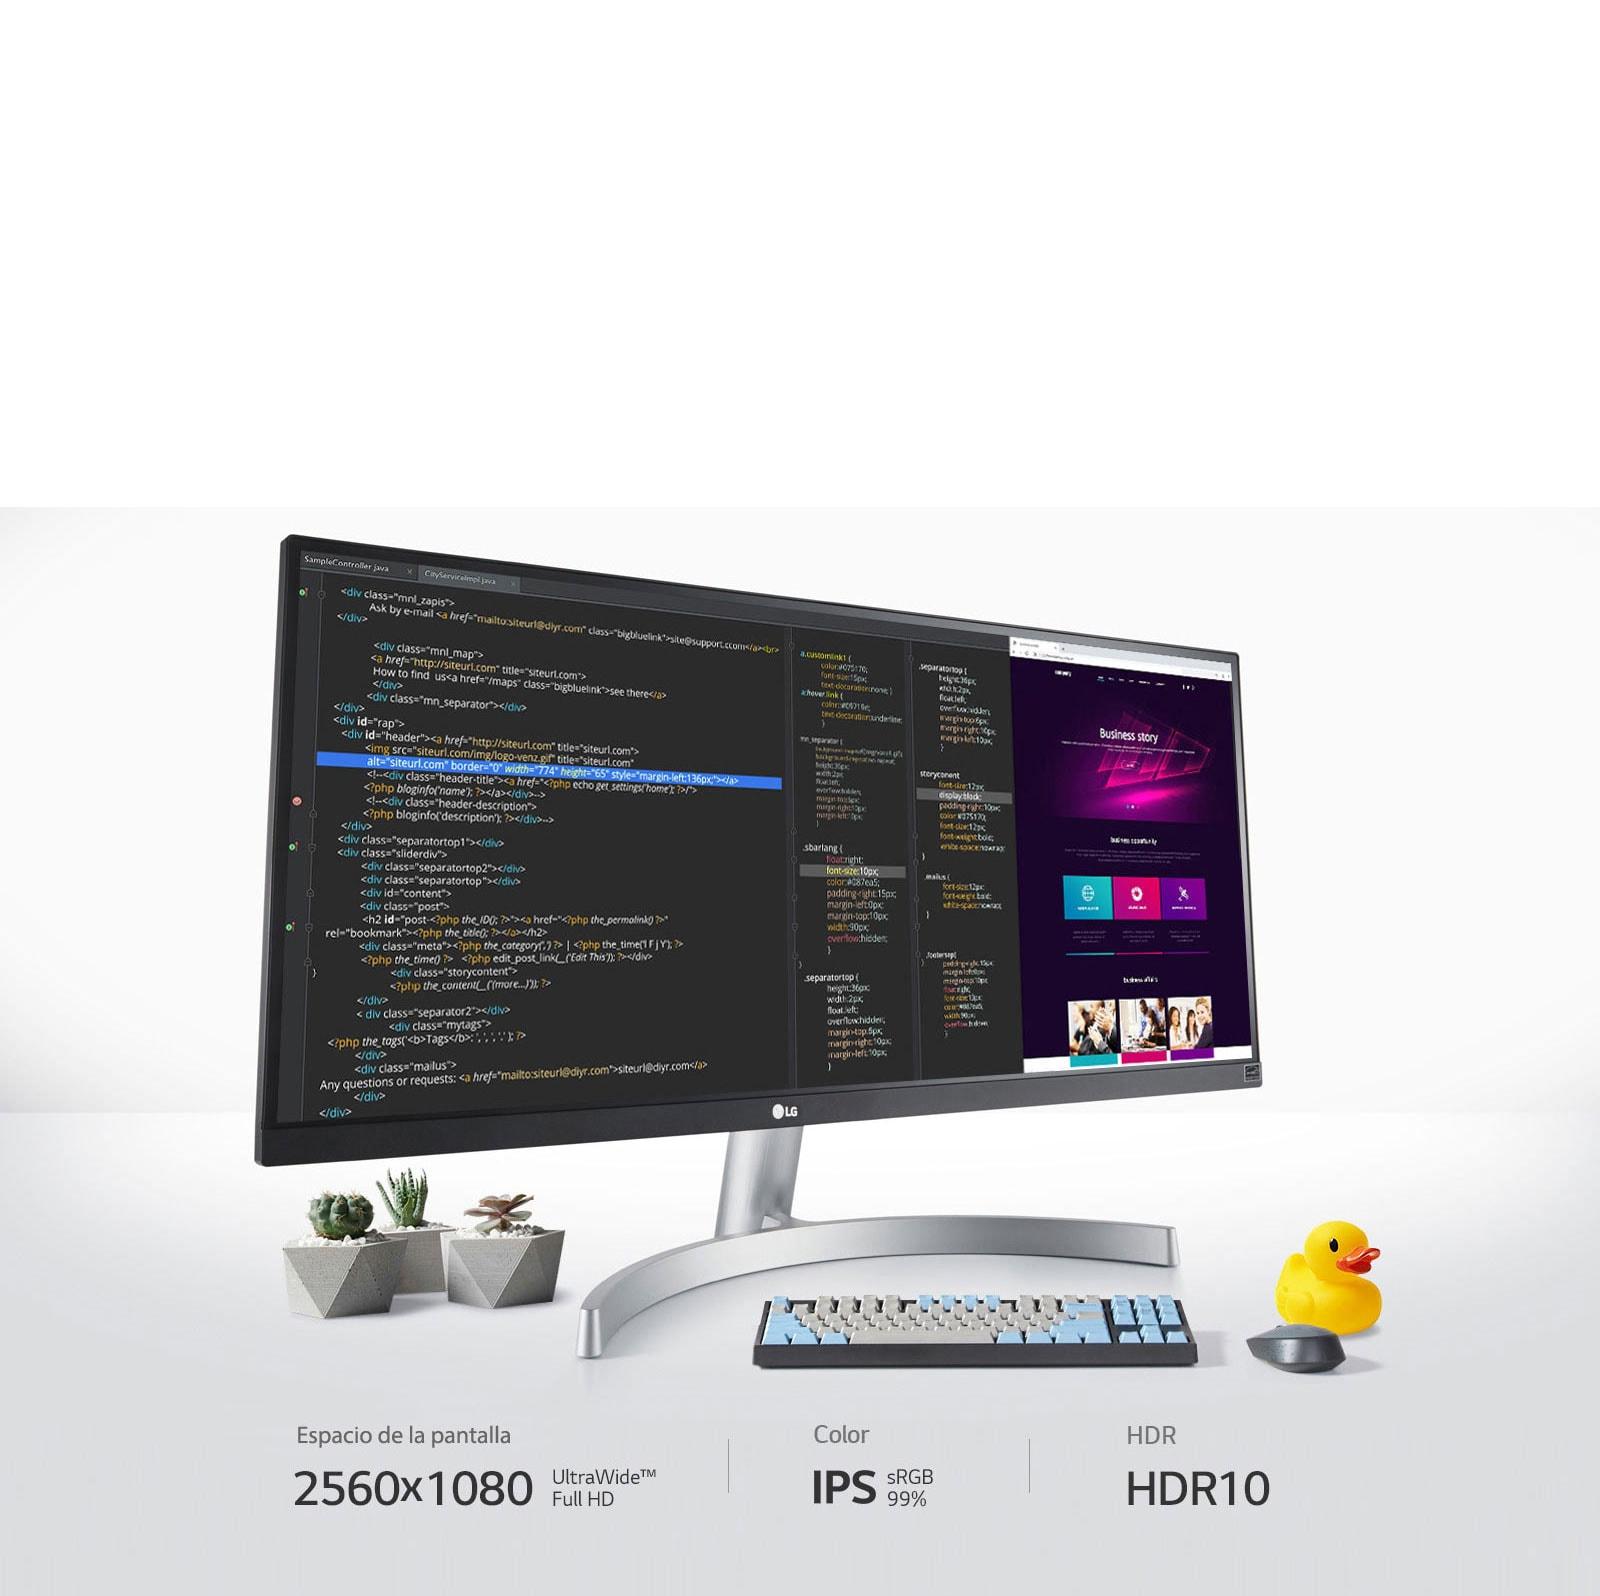 Al proporcionar una pantalla UltraWide™ Full HD de 2560x1080, IPS, sRGB 99% y HDR 10, tú puedes ver mejor, crear mejor.